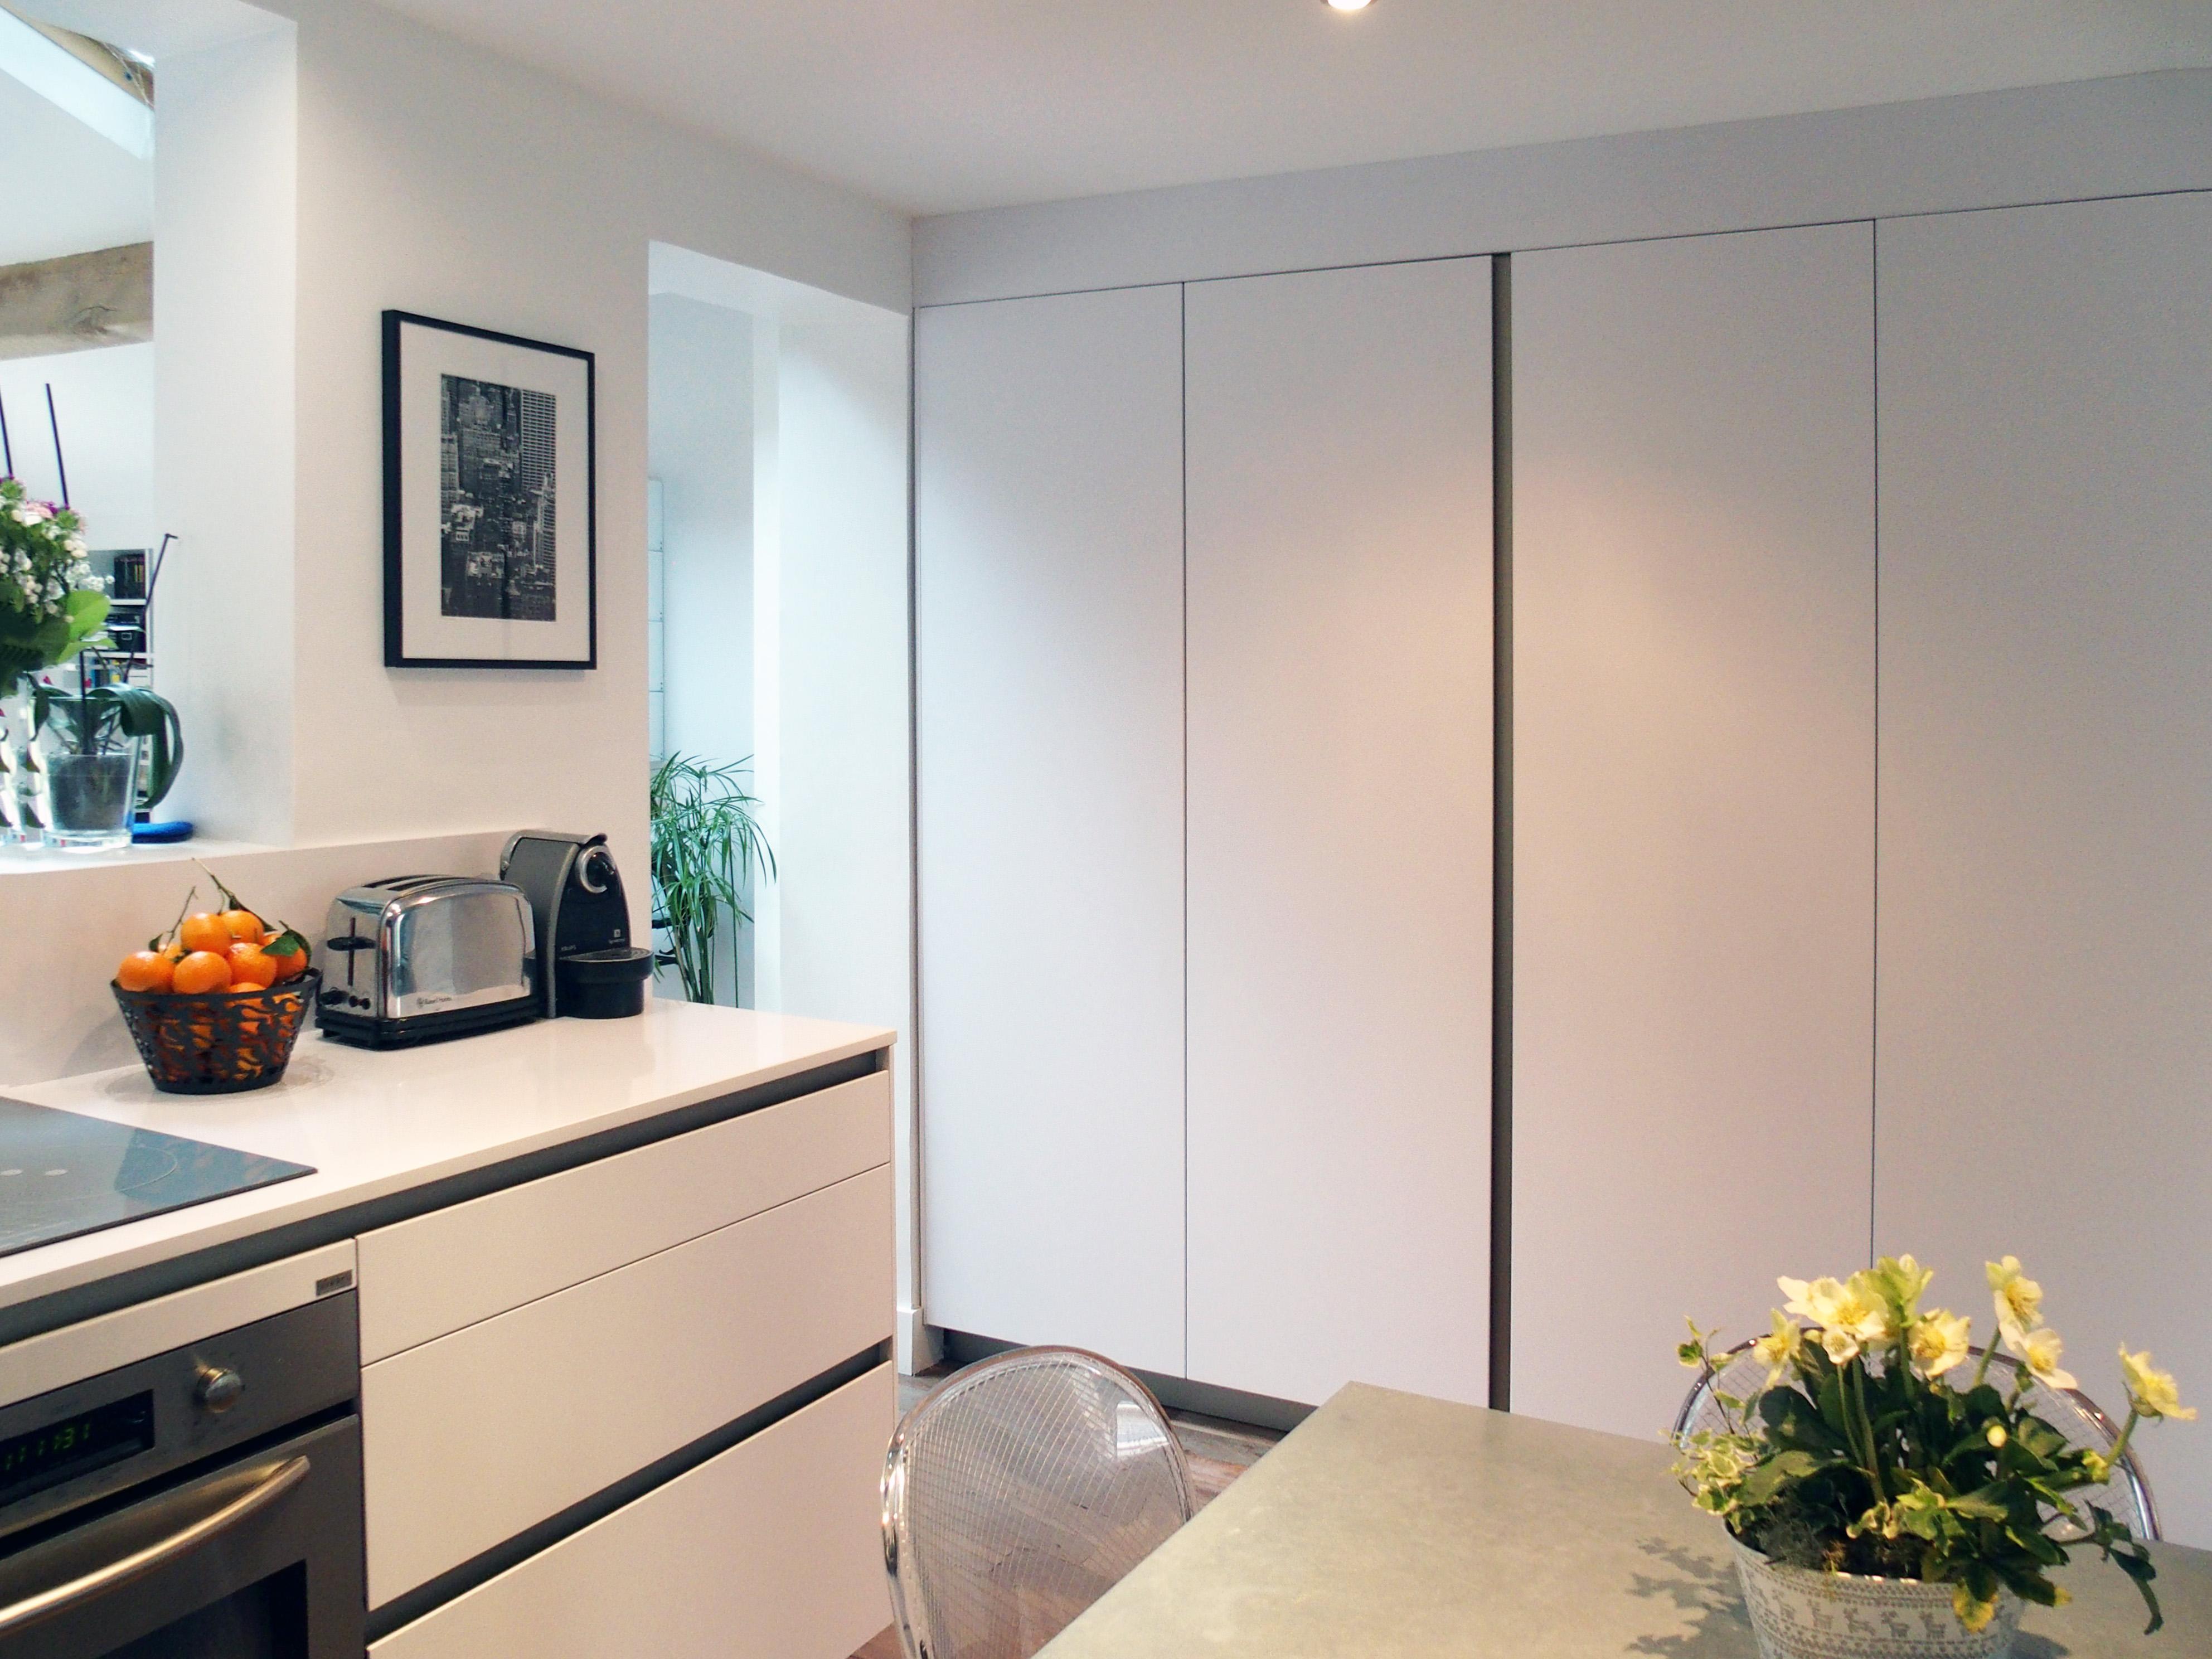 Colonnes réfrigérateur/congélateur